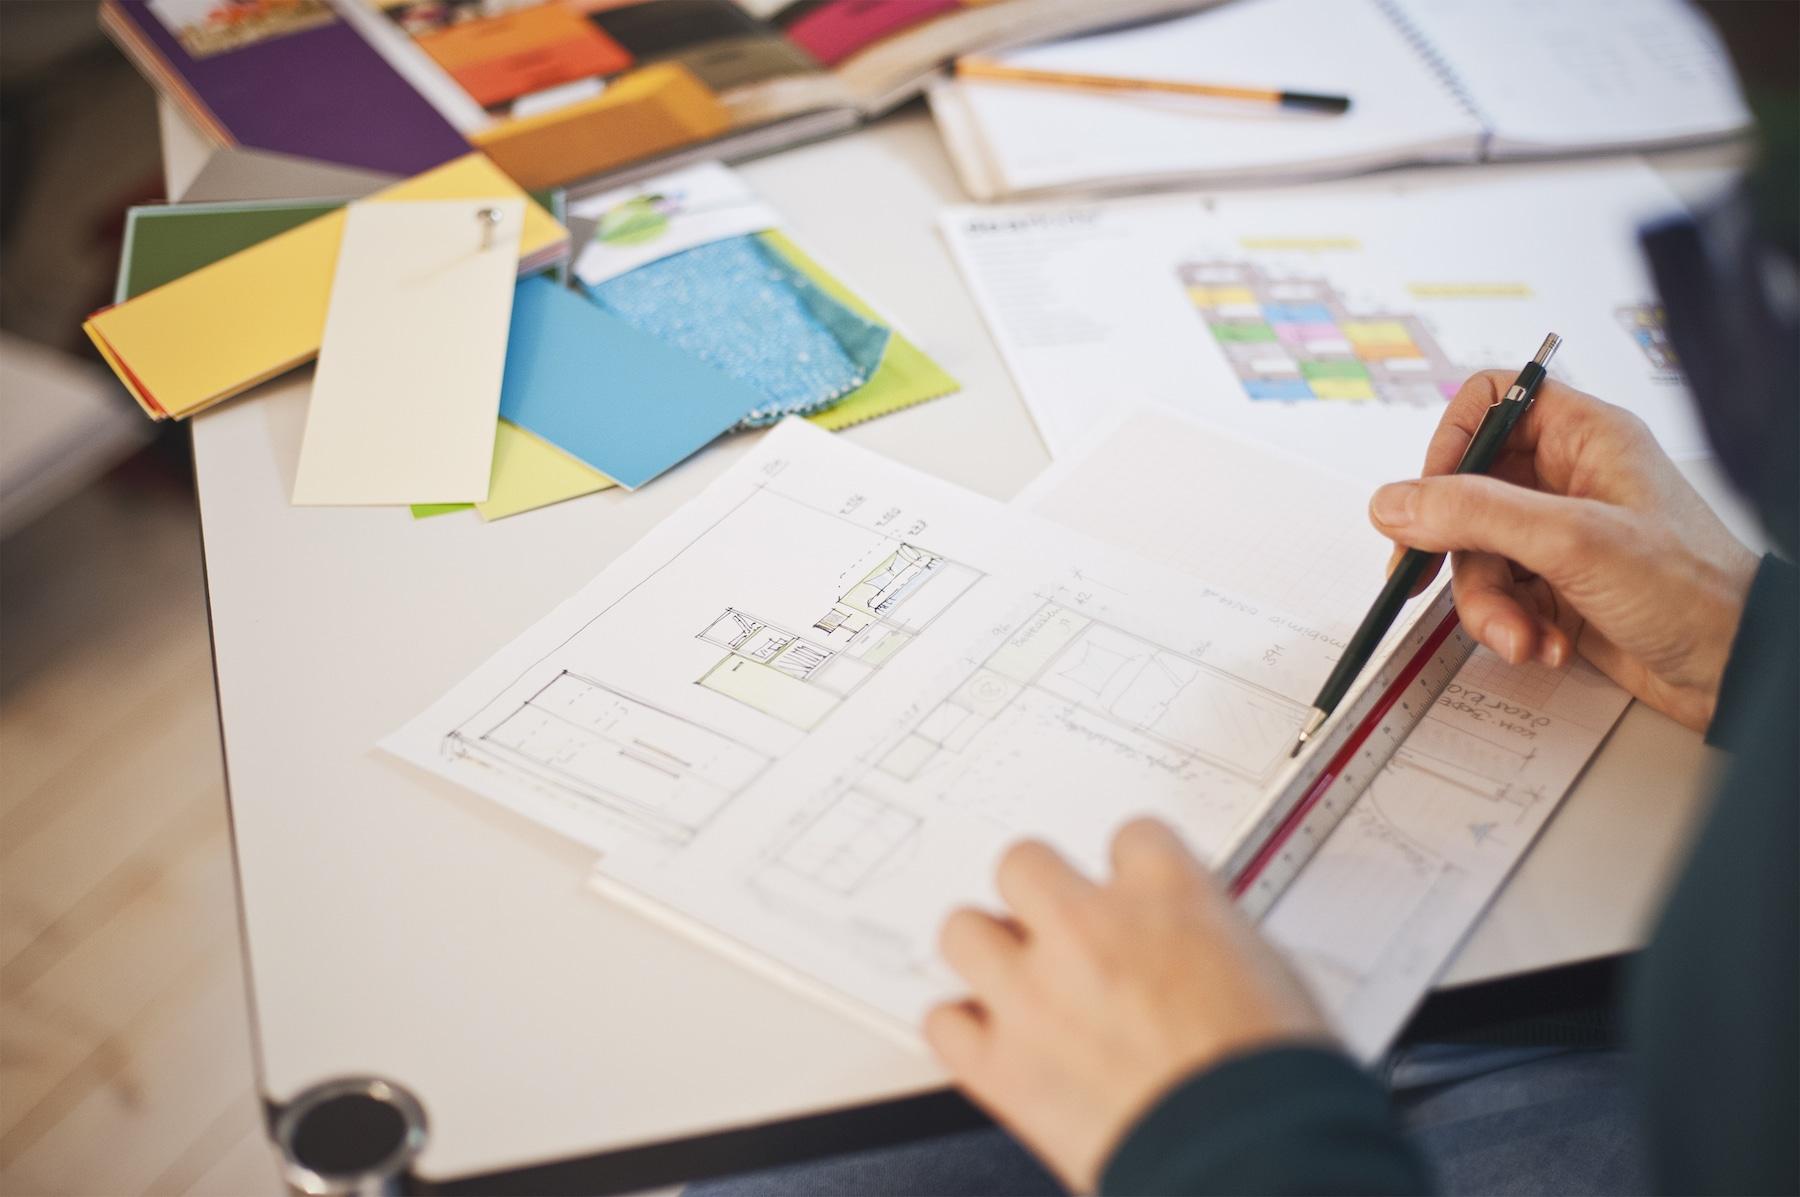 Kinderzimmer planen jugendzimmer planen vom profi for Jugendzimmer planen